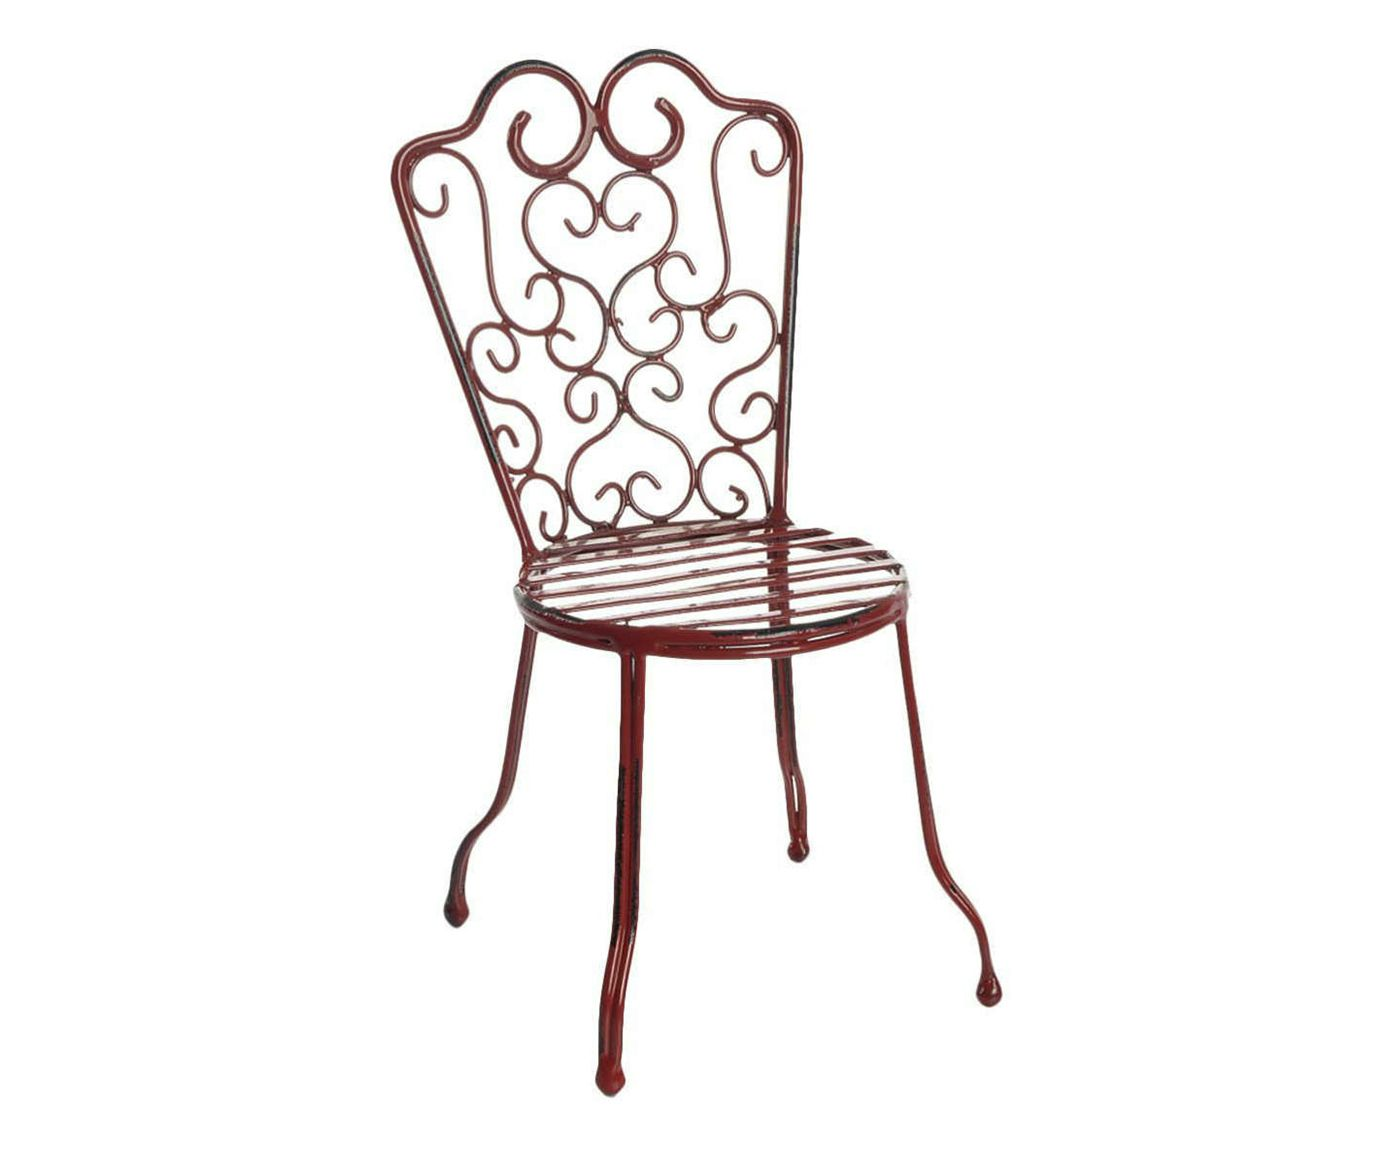 Miniatura Cadeira de Praça - 14,5X27,5cm | Westwing.com.br